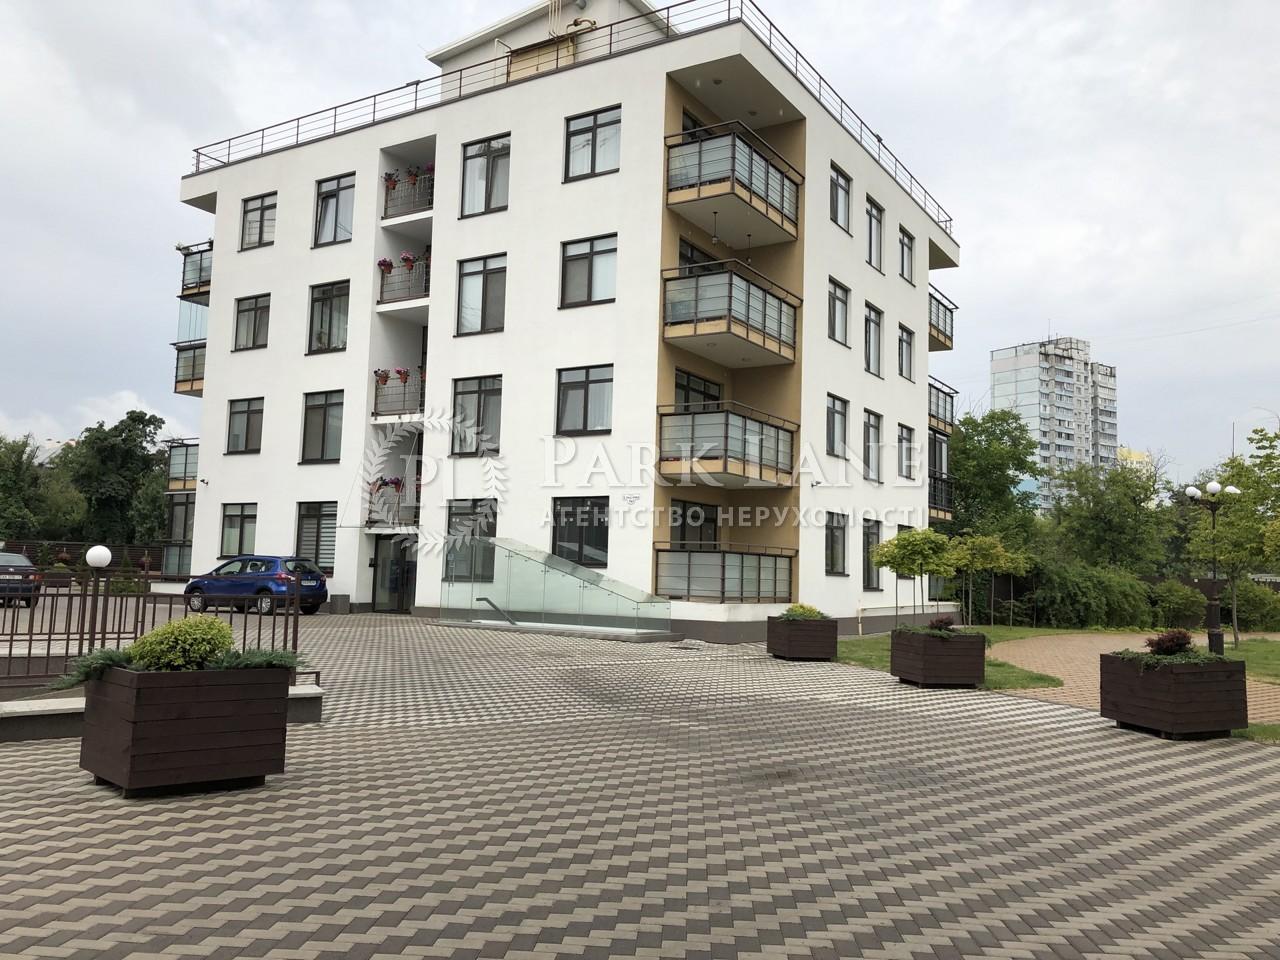 Квартира N-21087, Столєтова, 56, Київ - Фото 1